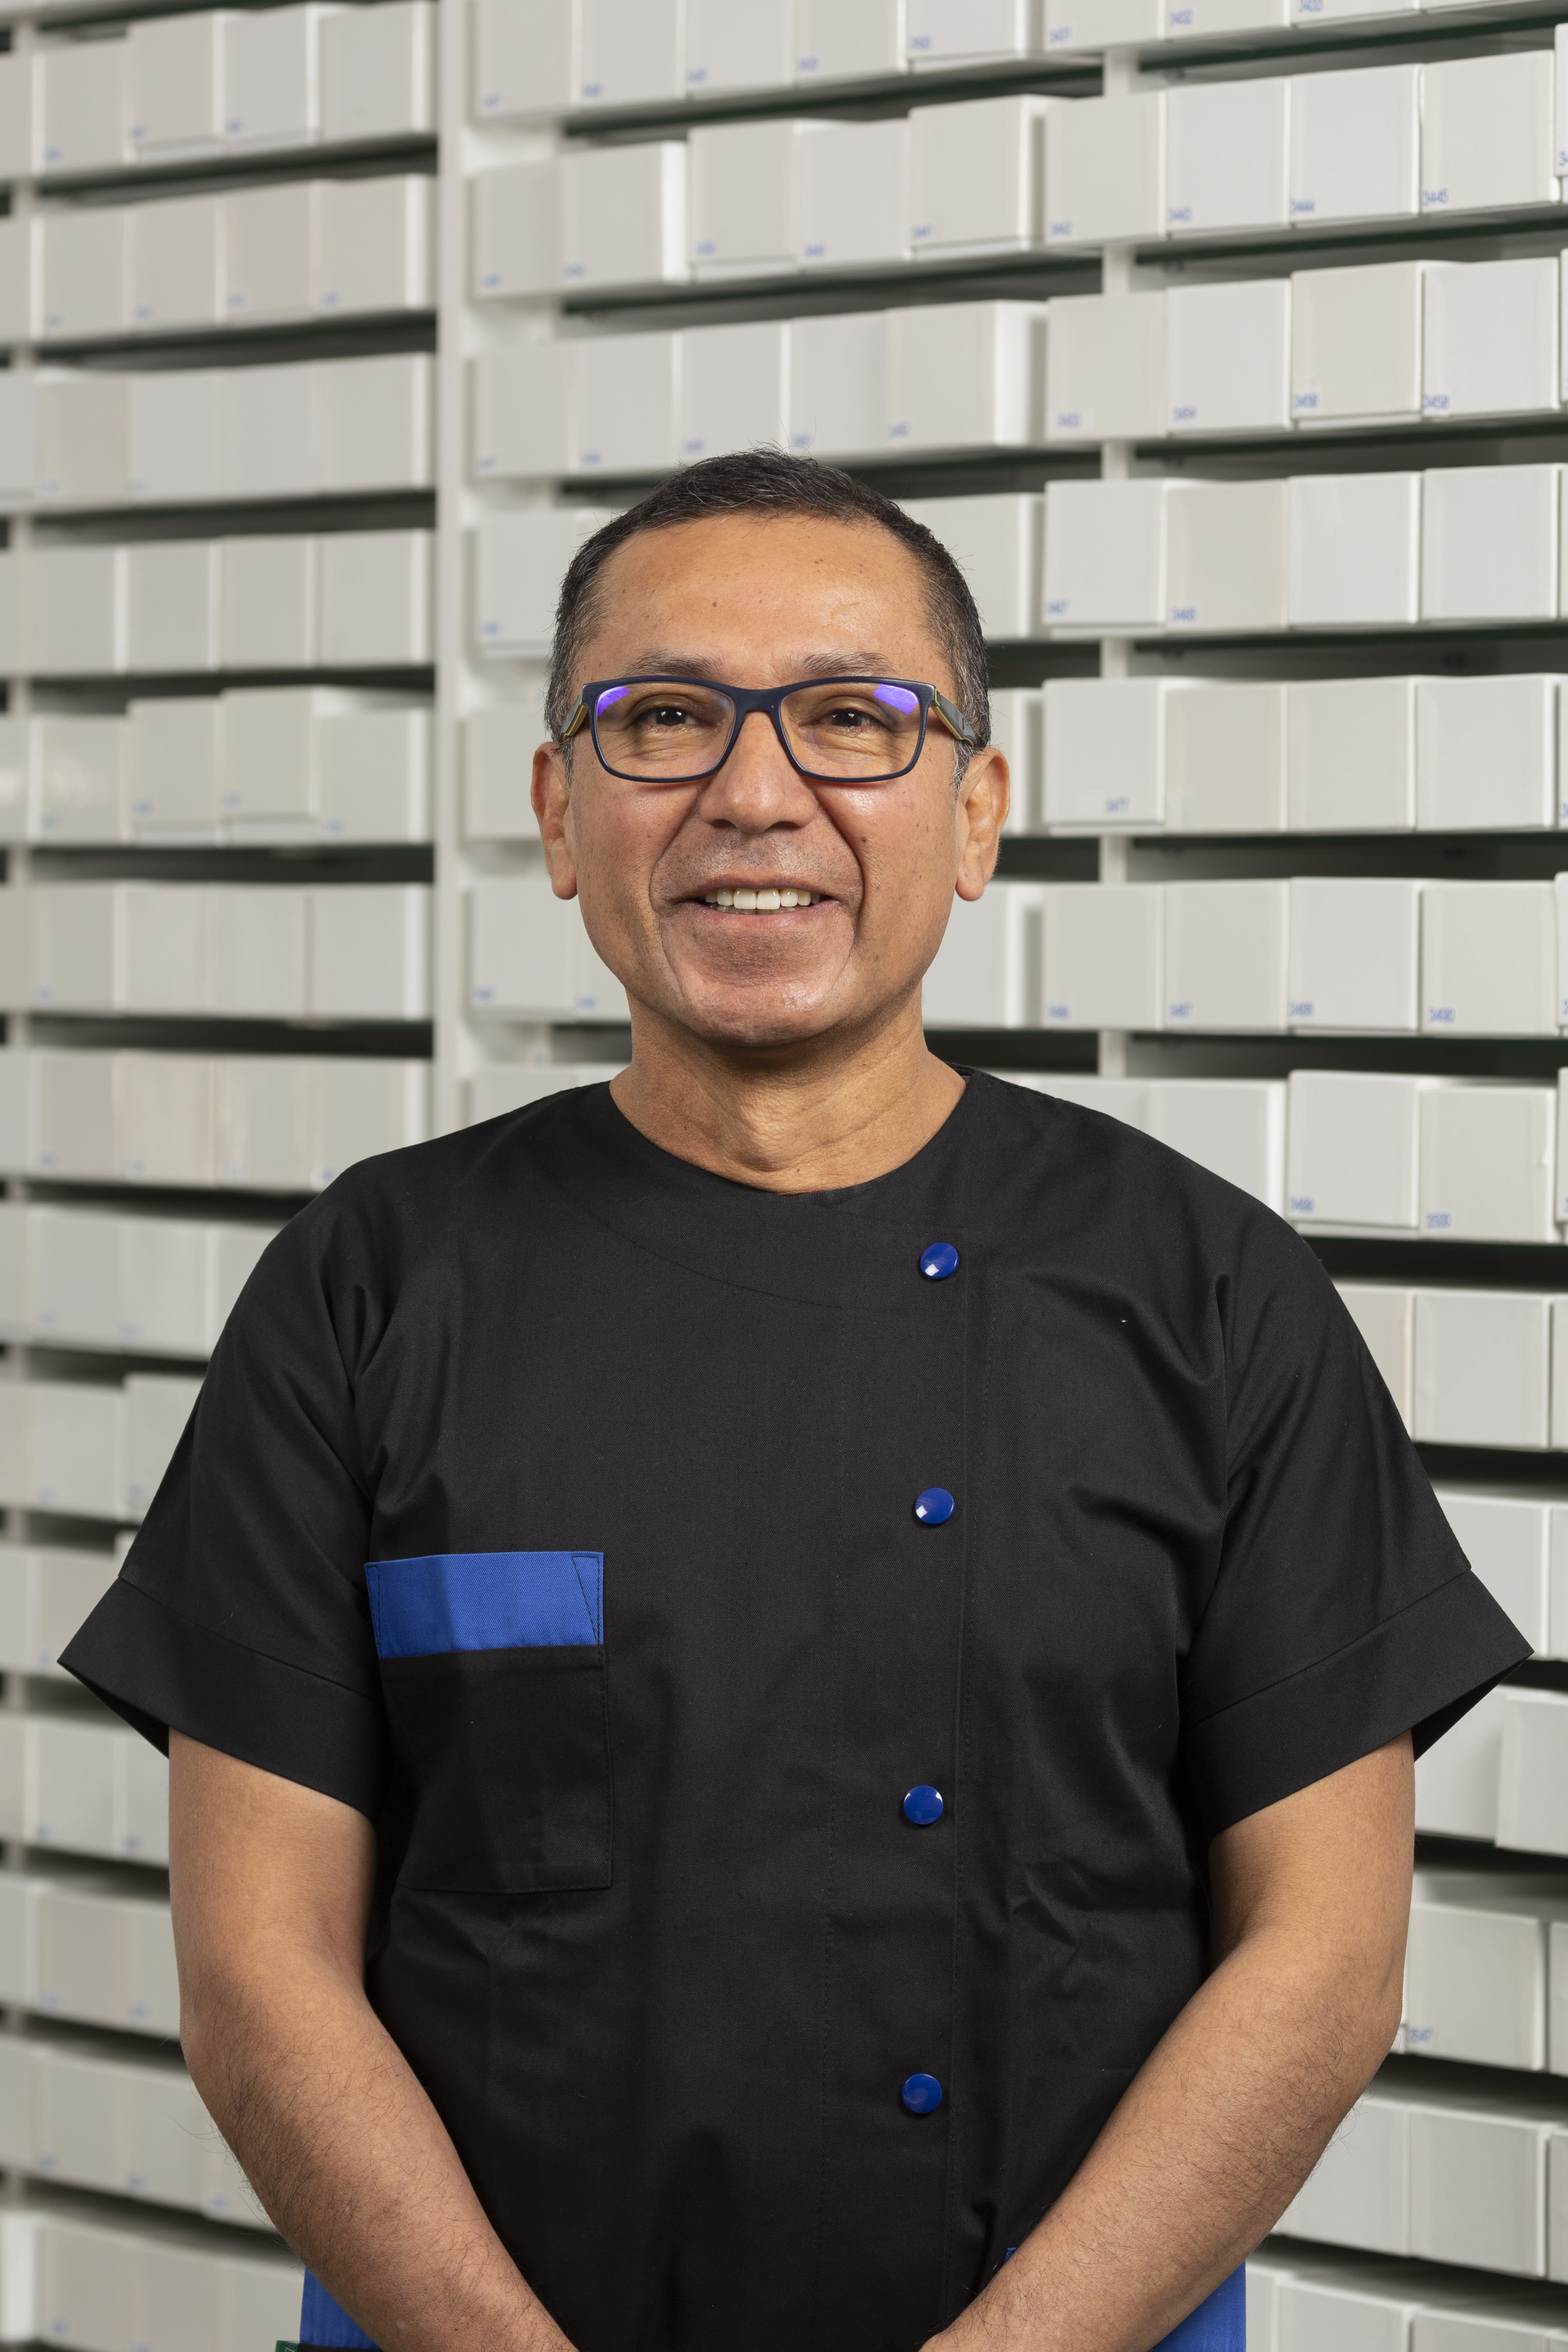 Carlos Saavedra - Technicien dentaire spécialiste en orthodontie